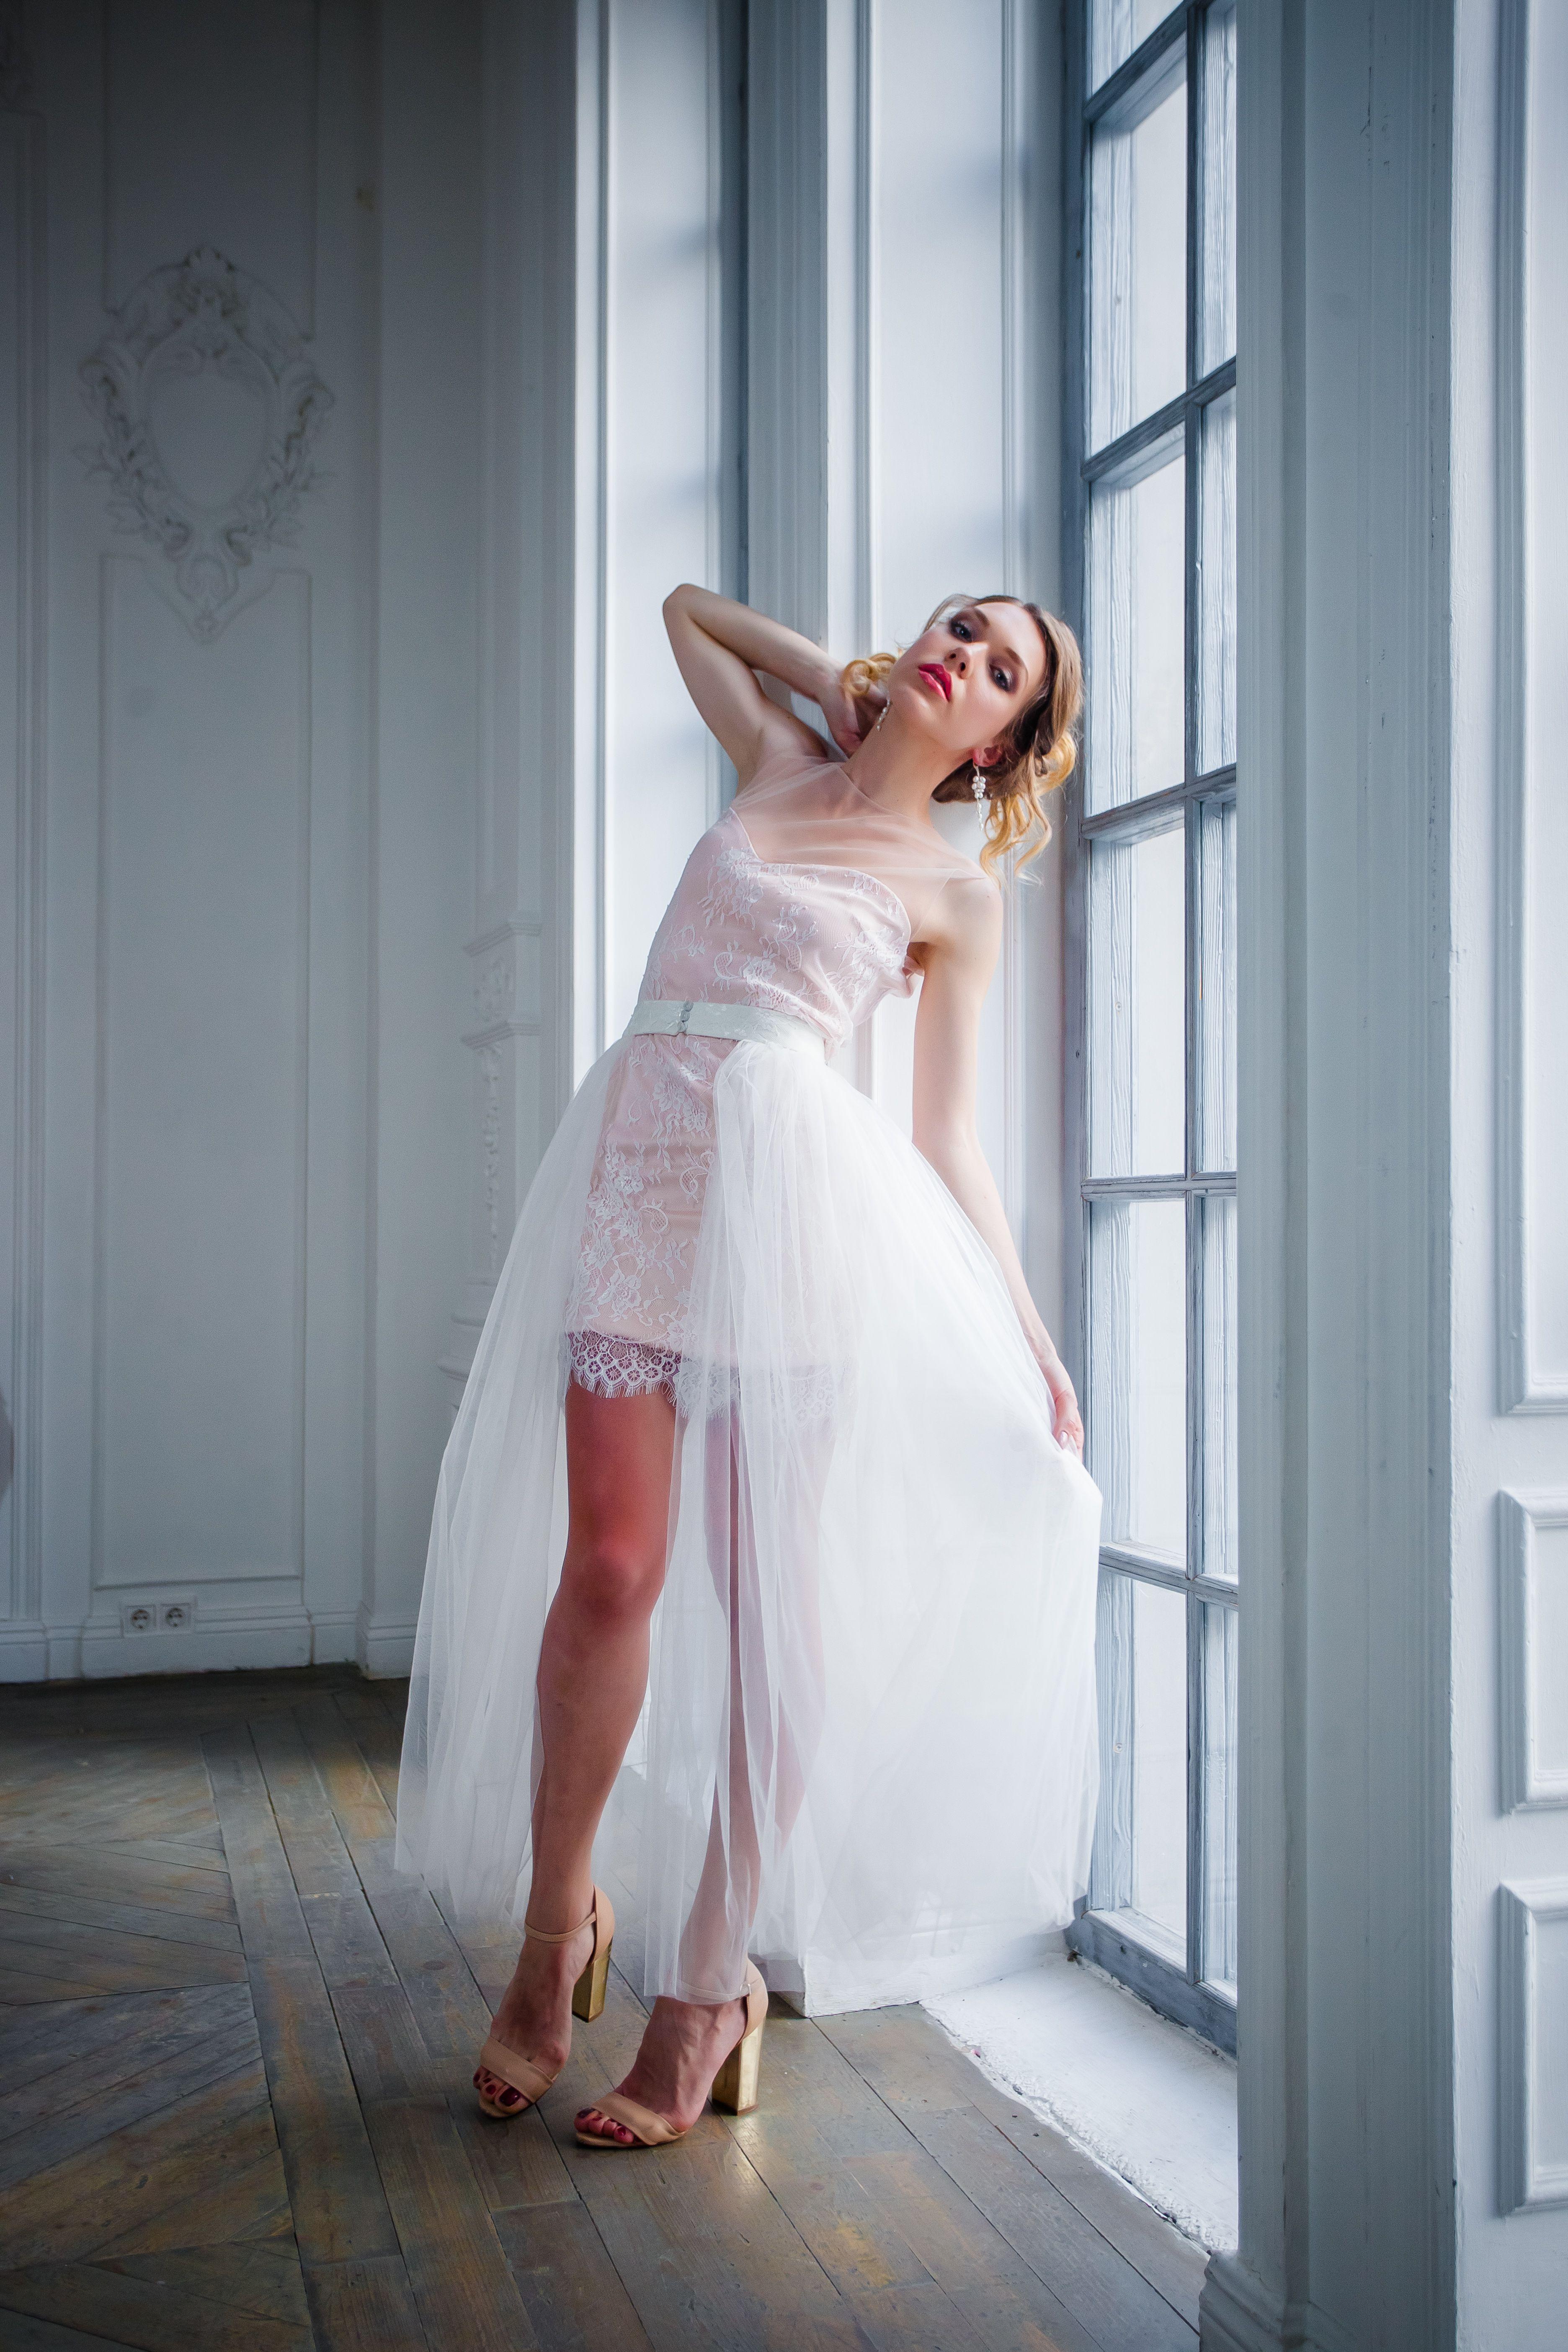 Short Peach Dress Transformer Irene | Wedding | Pinterest | Wedding